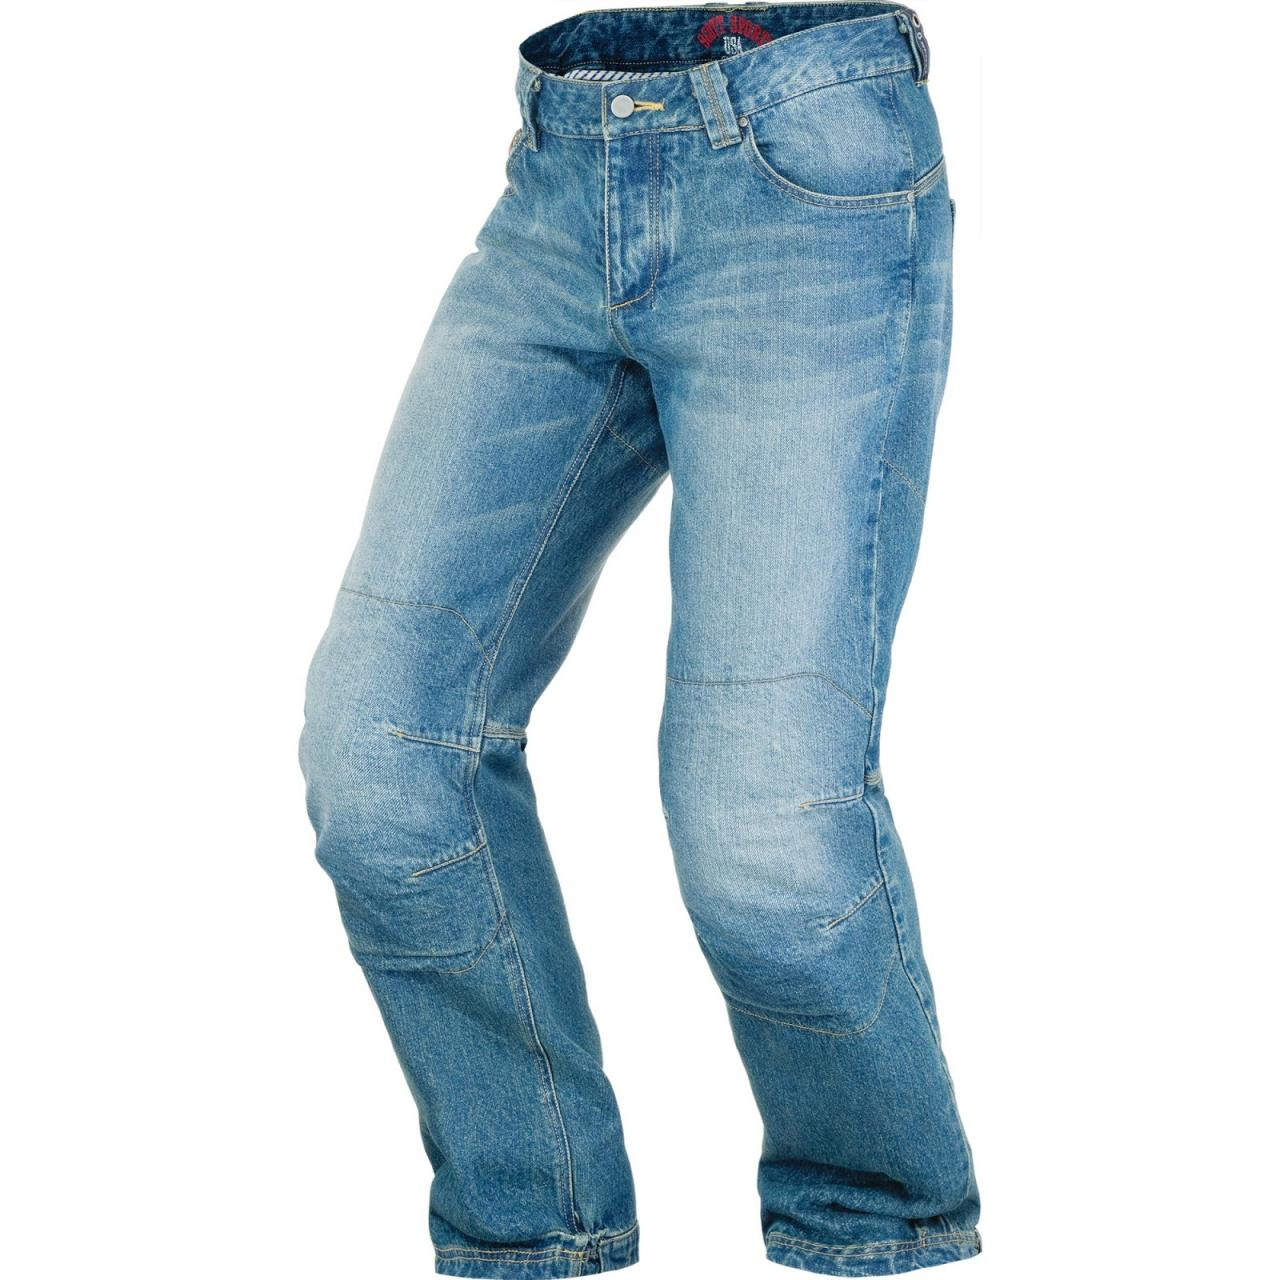 بالصور بنطلون جينز جديد لاظهار قدراتك وزوقك العالي 20160726 336